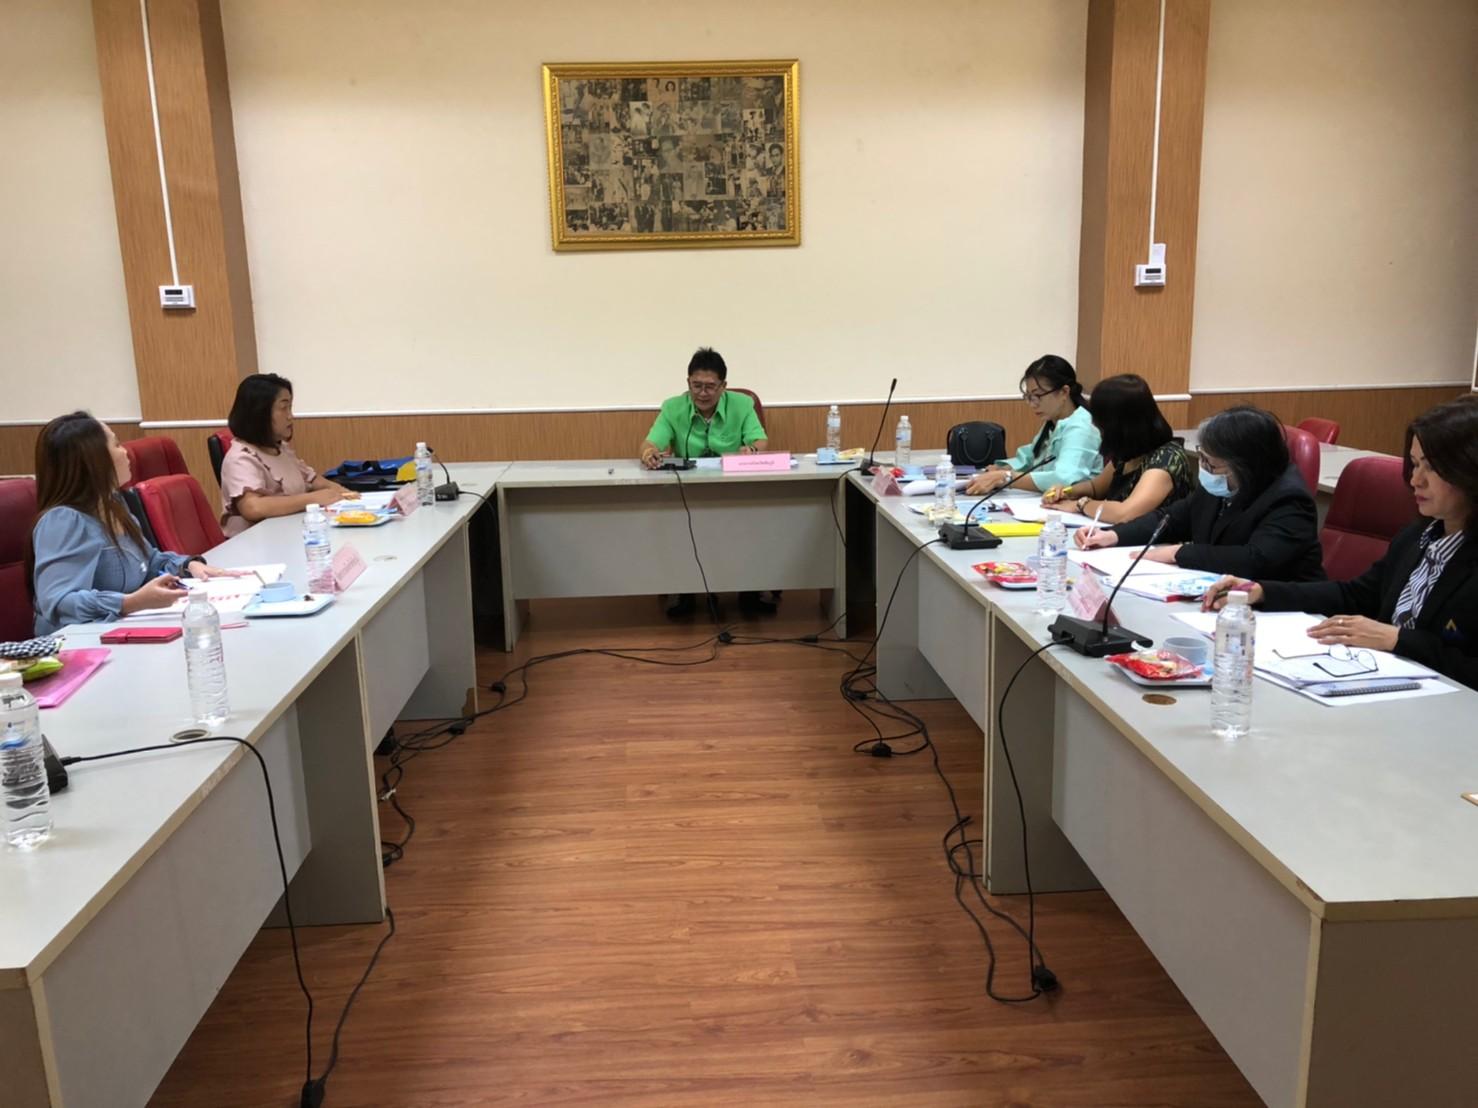 การประชุมหัวหน้าส่วนราชการสังกัดกระทรวงแรงงานจังหวัดชัยภูมิ ครั้งที่ 10/2563